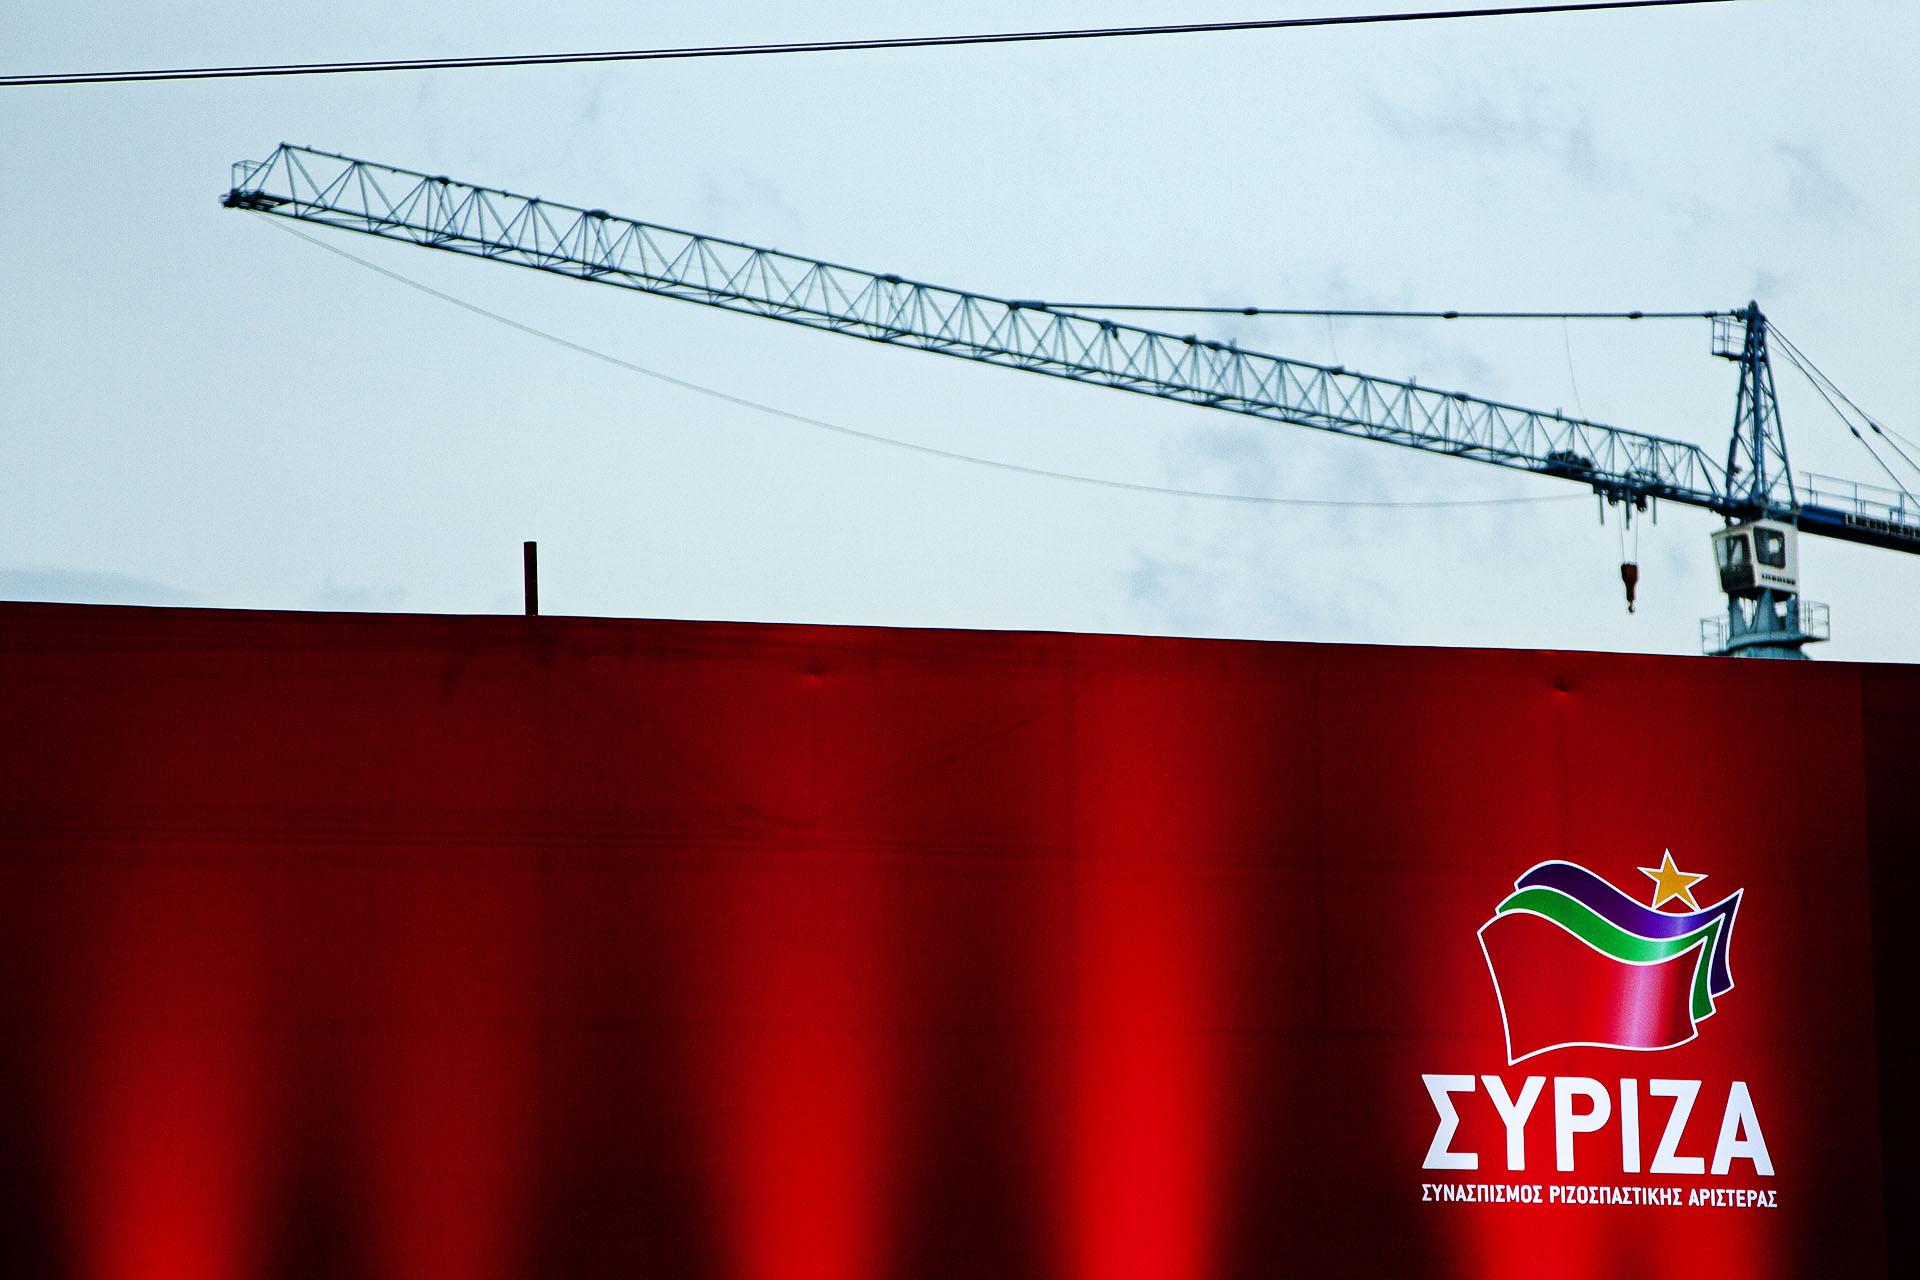 Syriza ha sido elegido finalmente por los griegos para reconstruir el país